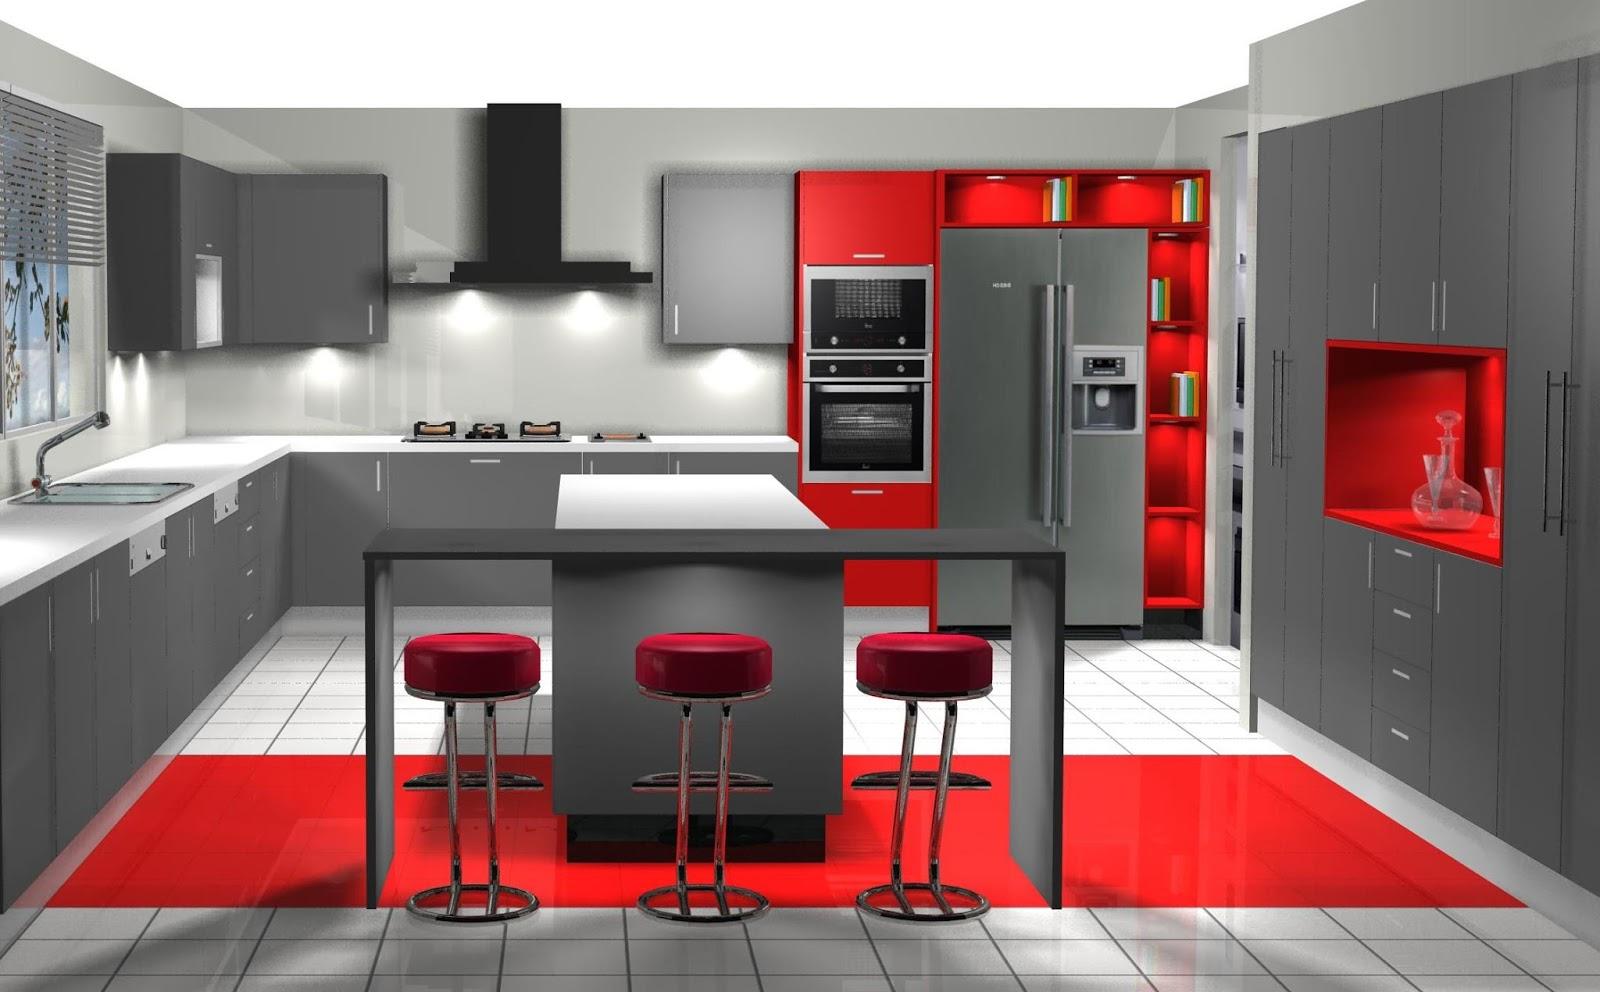 Dise o muebles de cocina dise o de cocina laminado en grafito for Muebles de diseno